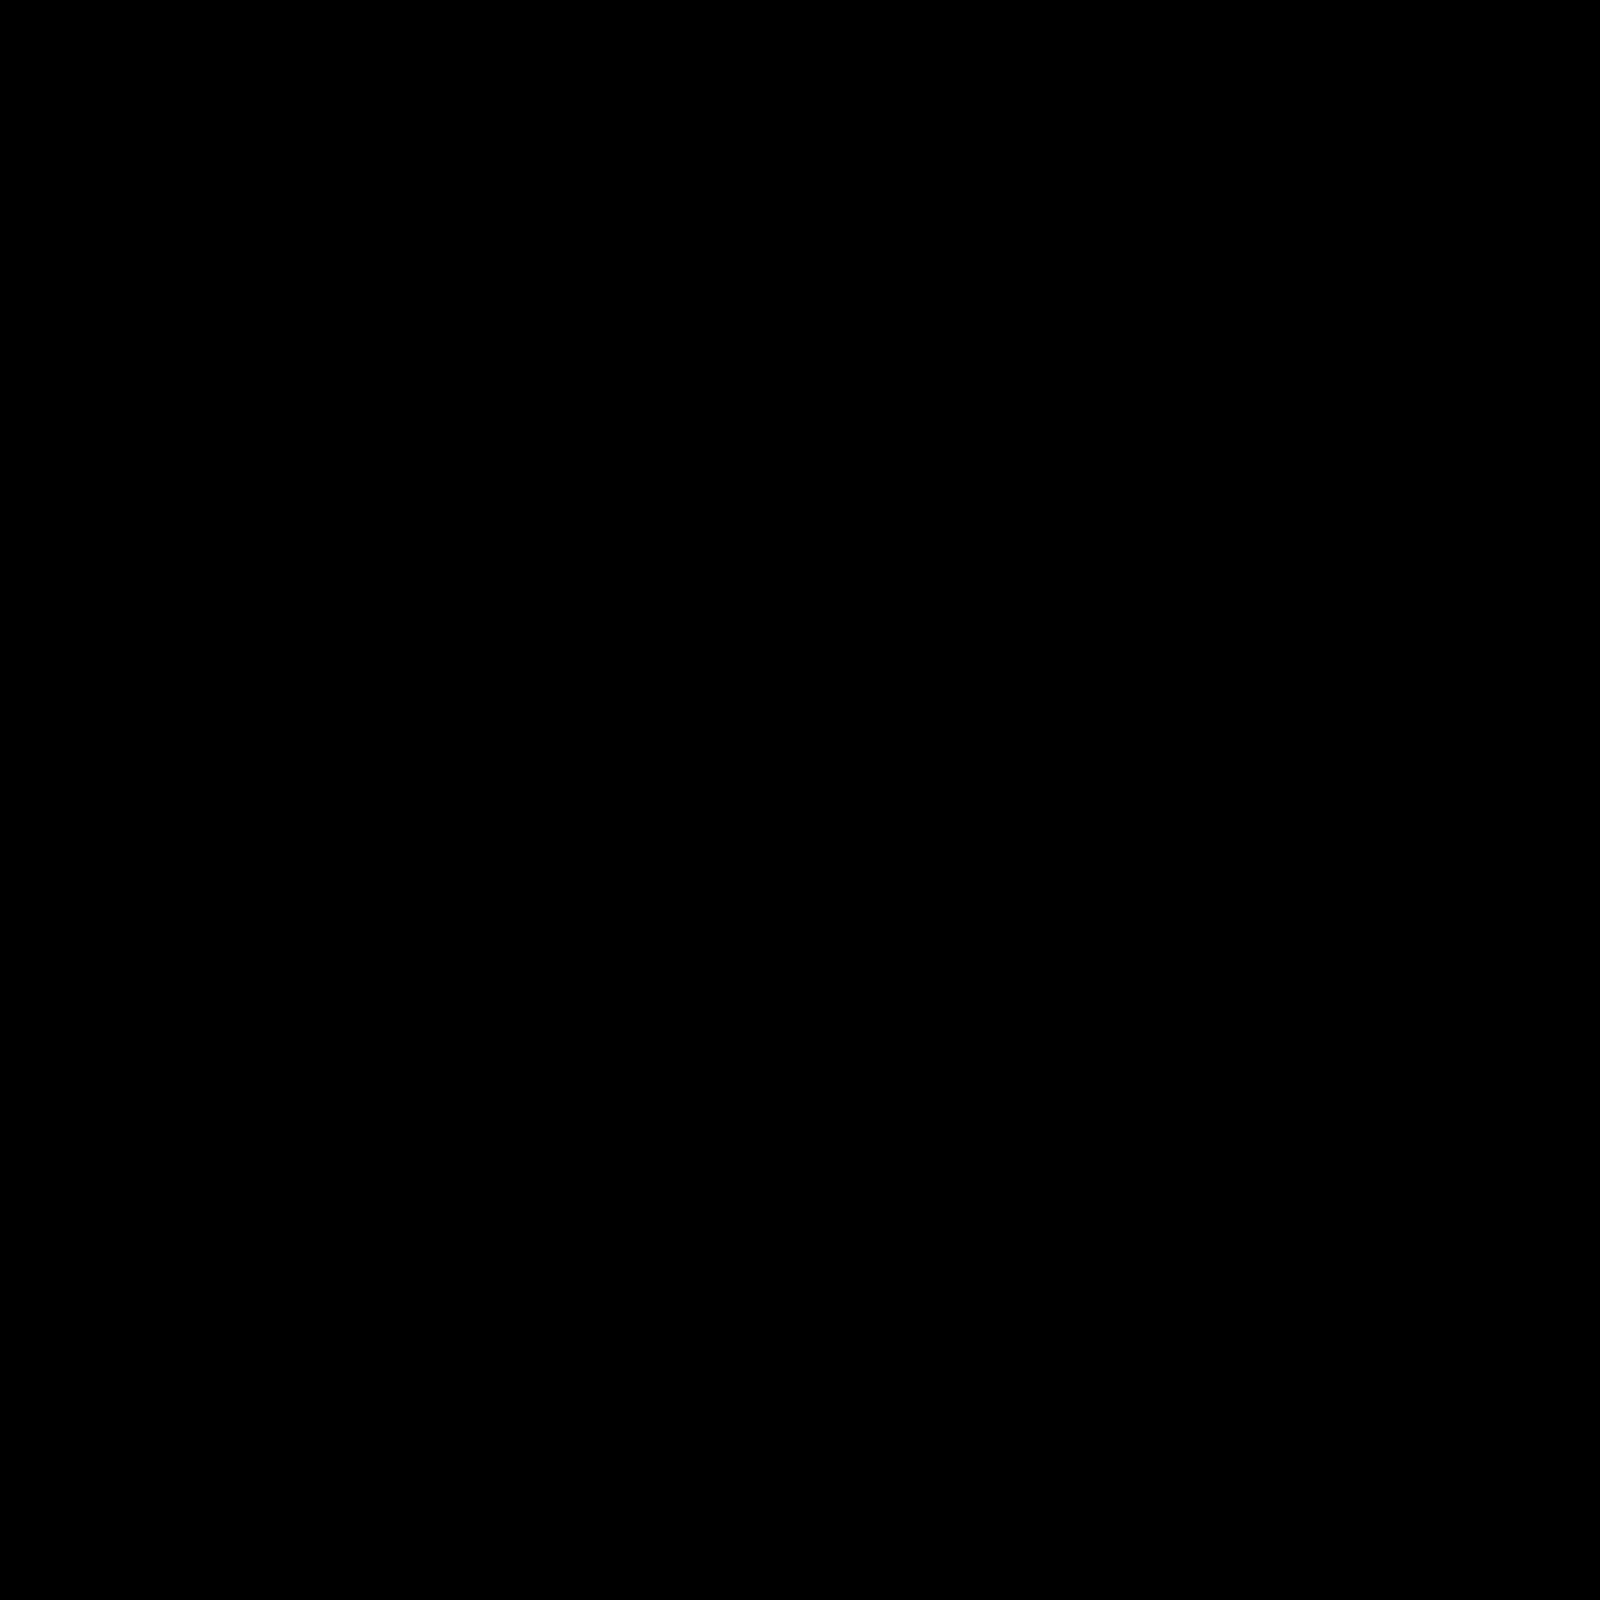 Antiseptic Cream icon